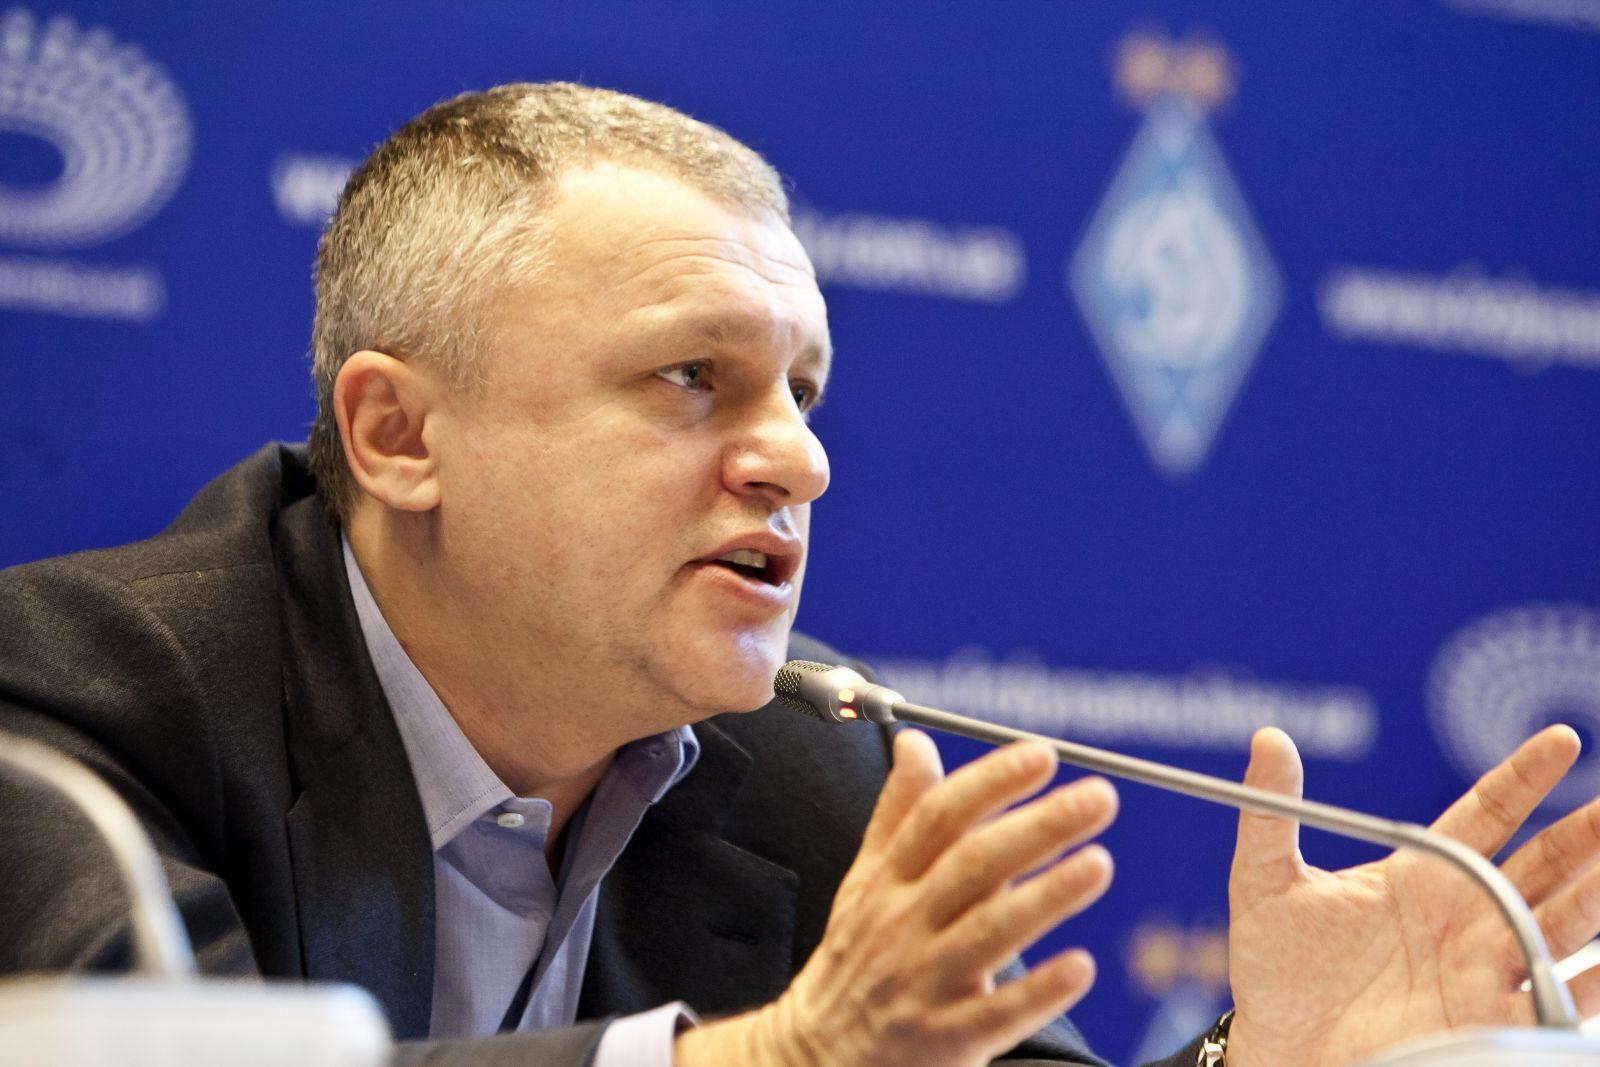 УАФ оштрафувала Суркіса на 50 тис. грн за інтерв'ю